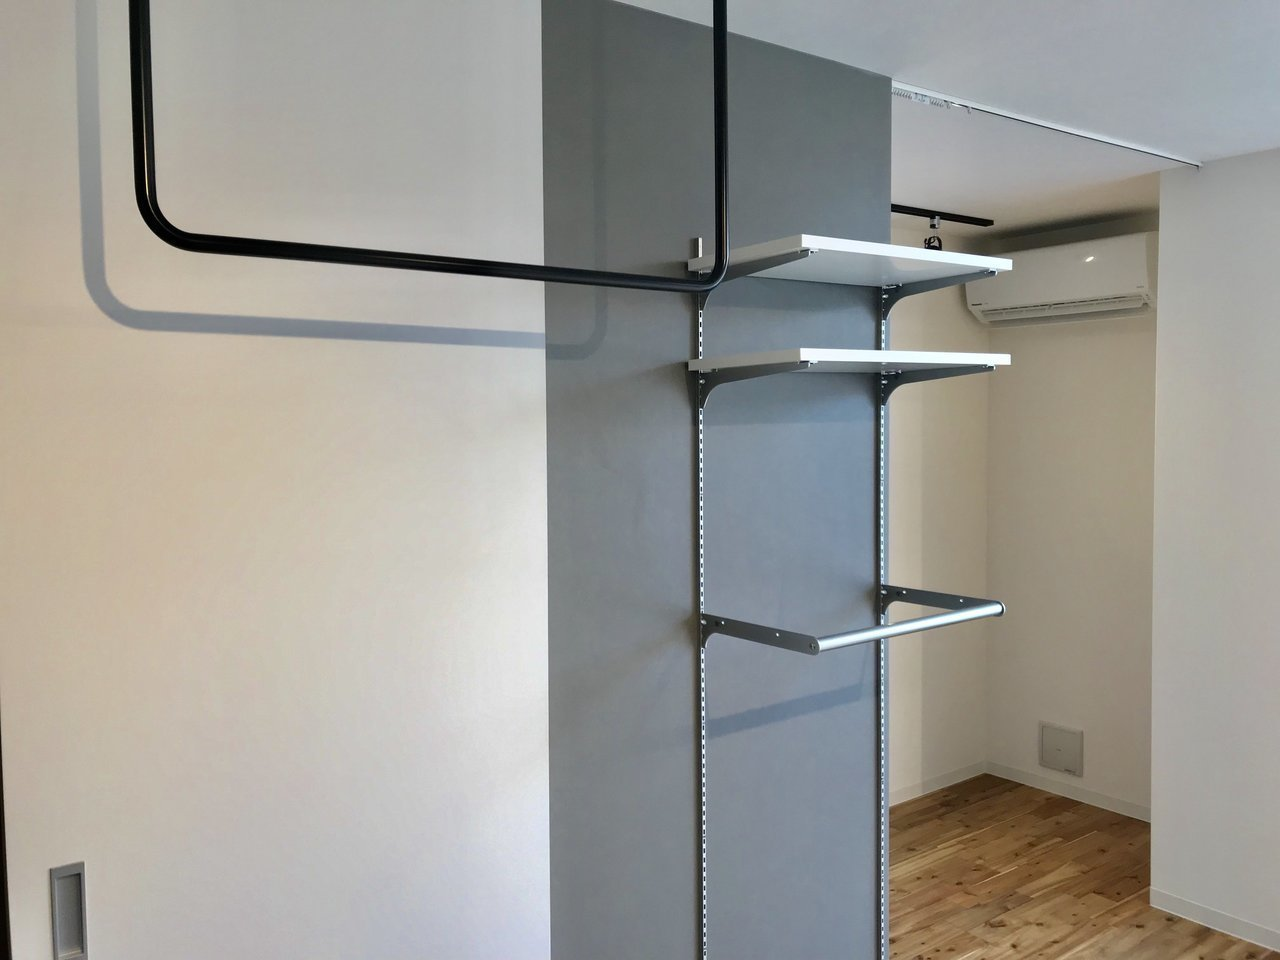 壁には稼働式の棚。天井からはアイアンのハンガーパイプが吊るされていていろいろと使えそう。L字型になった奥の部分には、ベッドを置いたらいいですかね。